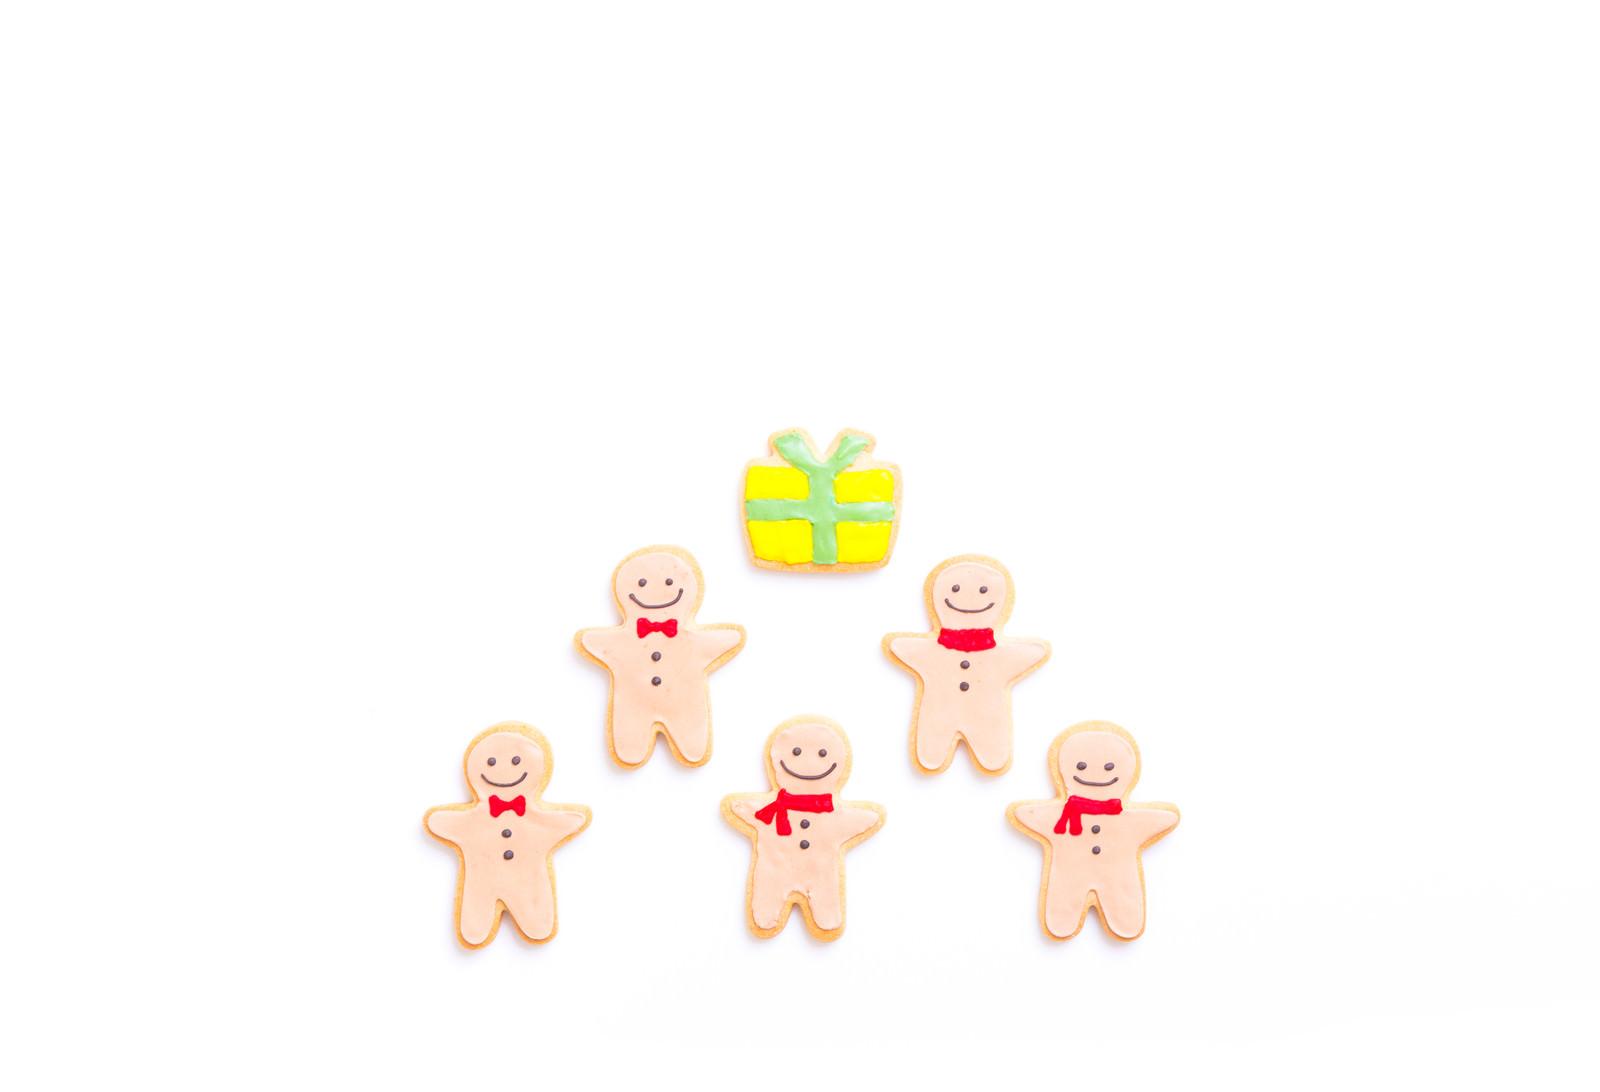 「みんなからの贈り物(アイシングクッキー)みんなからの贈り物(アイシングクッキー)」のフリー写真素材を拡大